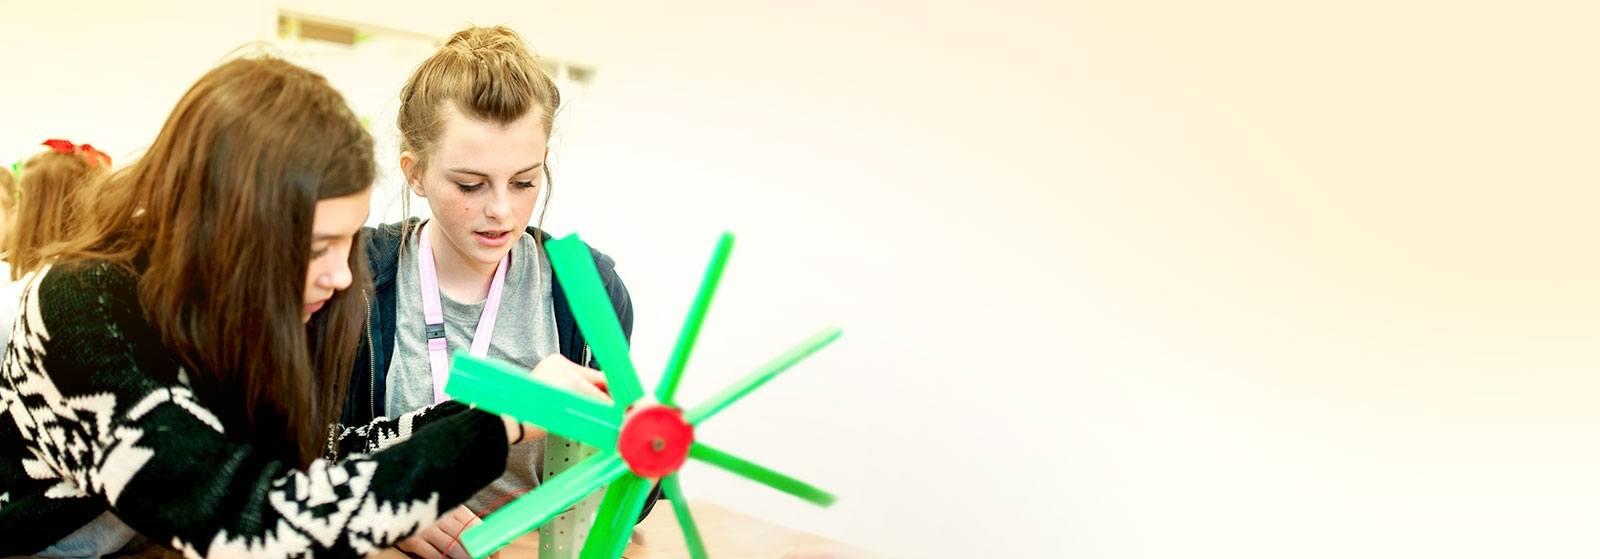 Two girls inspect a model wind turbine